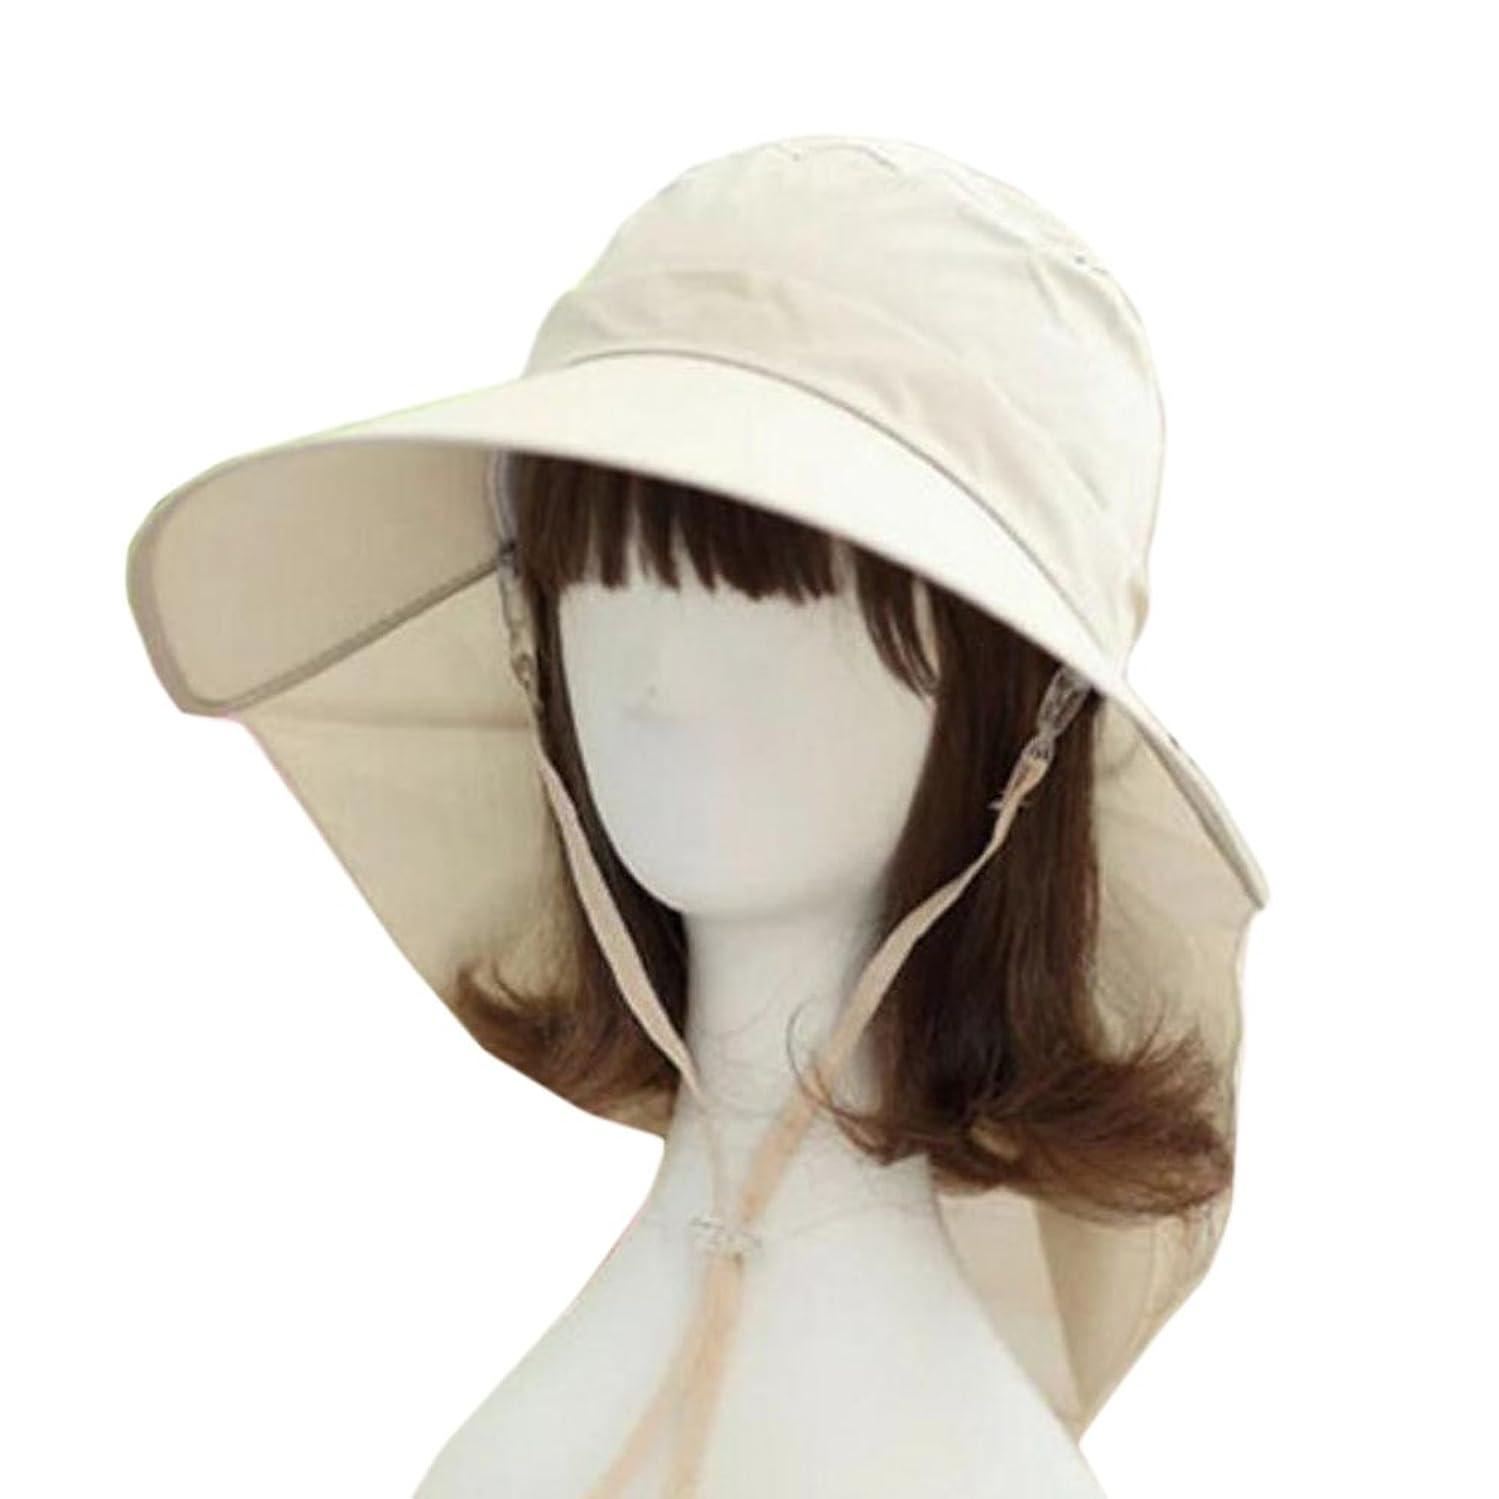 ハック小さな業界ファッションUV保護帽子エレガントな日焼け止め帽子women-01の